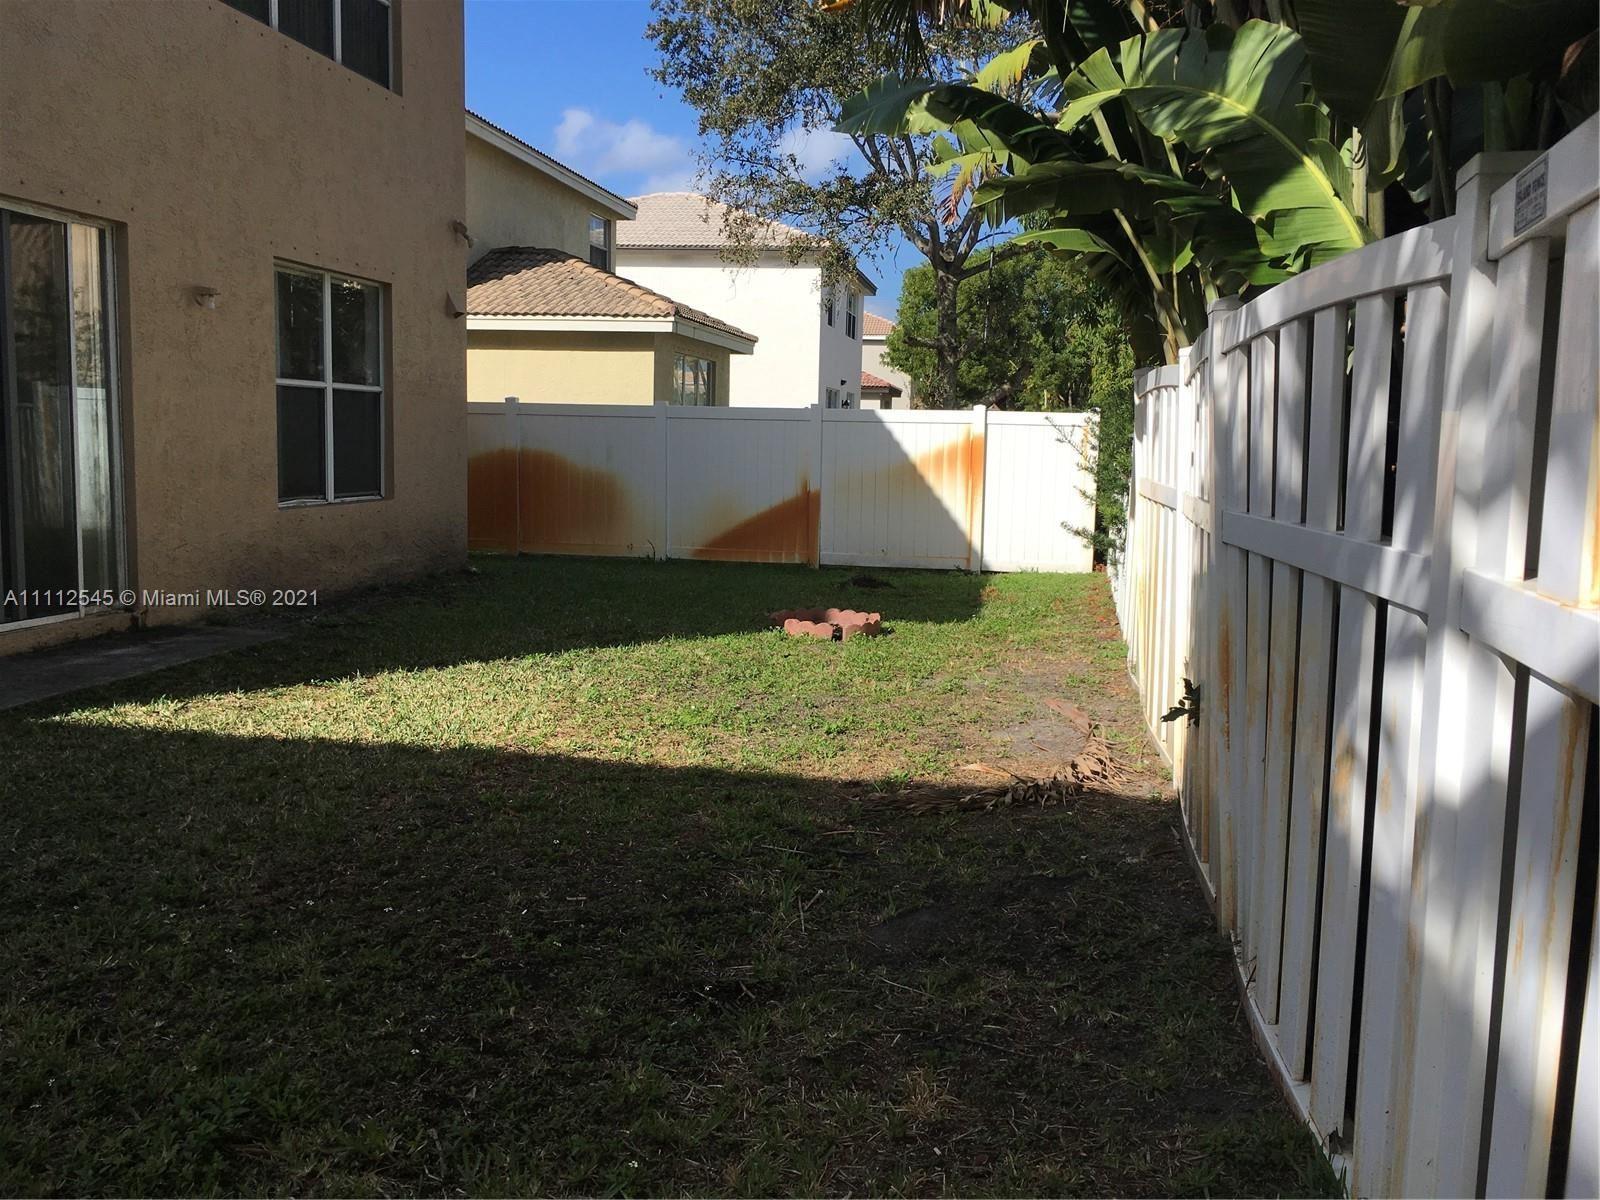 Photo of 16411 SW 28th St, Miramar, FL 33027 (MLS # A11112545)